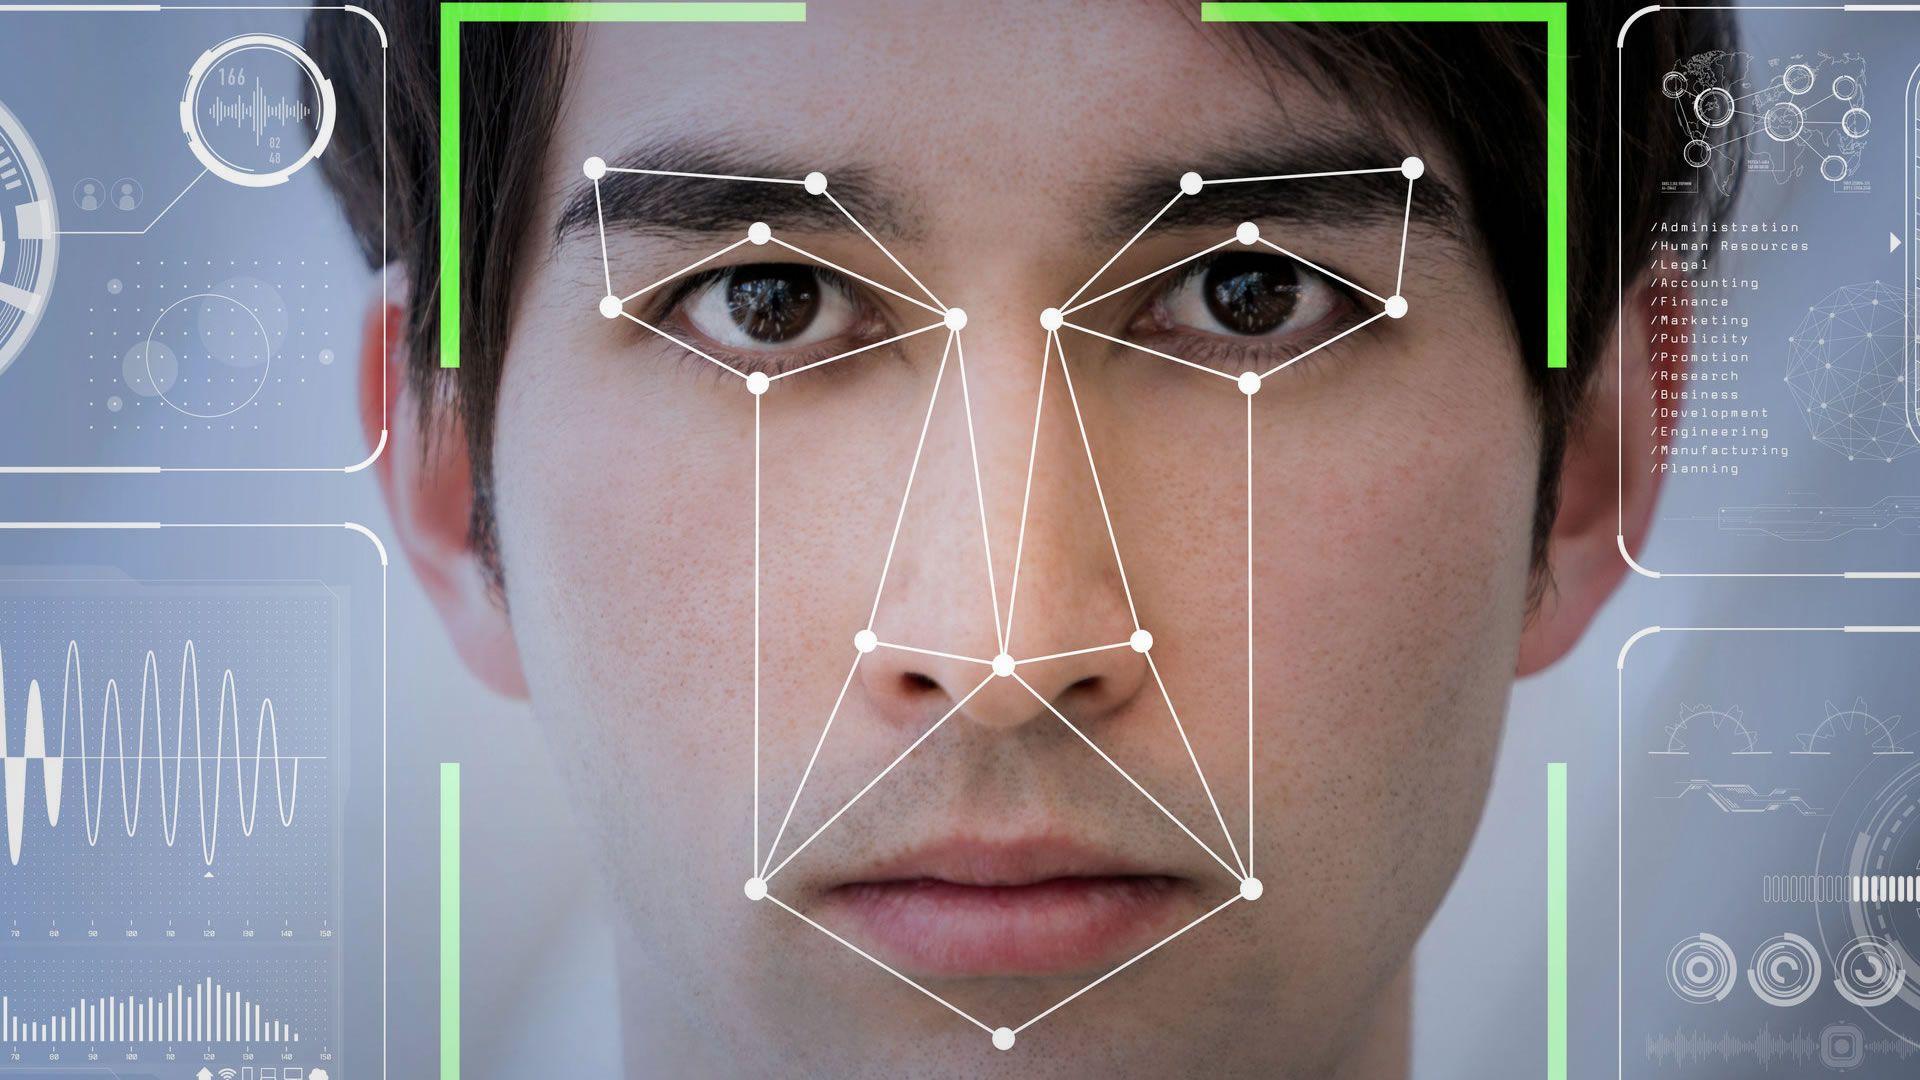 Capturan en EE.UU. al primer impostor gracias al reconocimiento facial